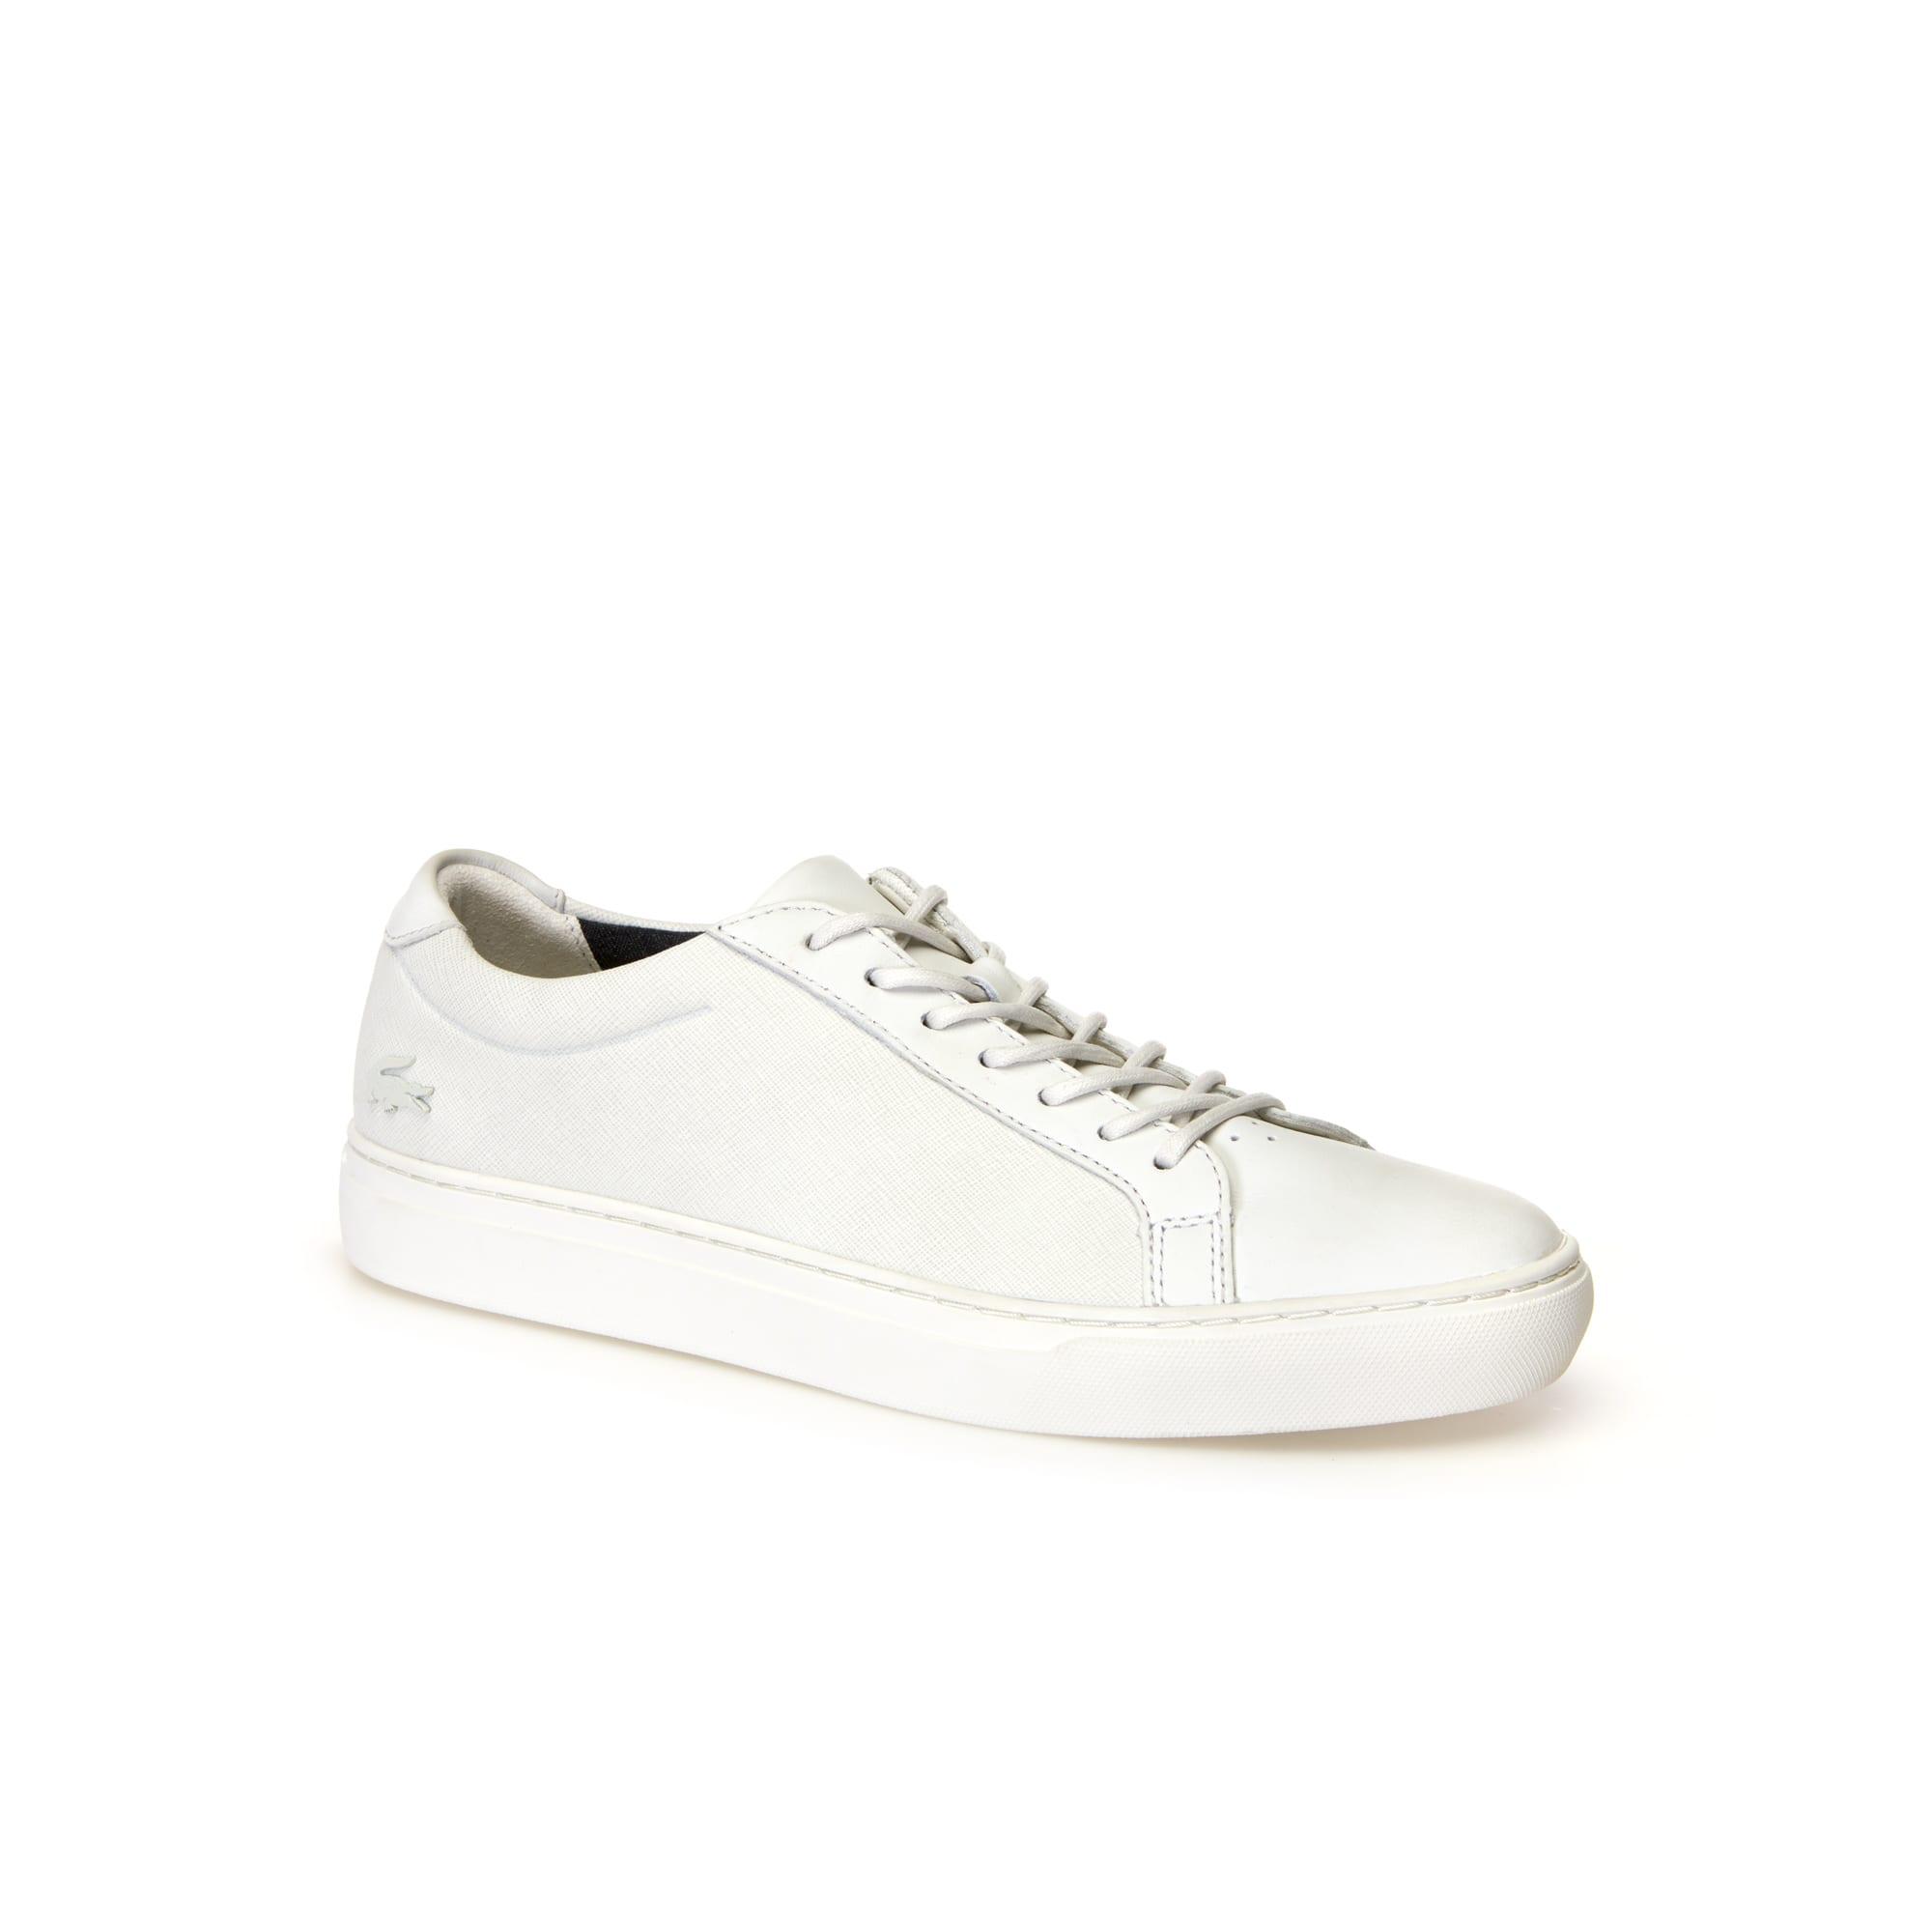 Herren-Sneakers L.12.12 aus Premium-Leder